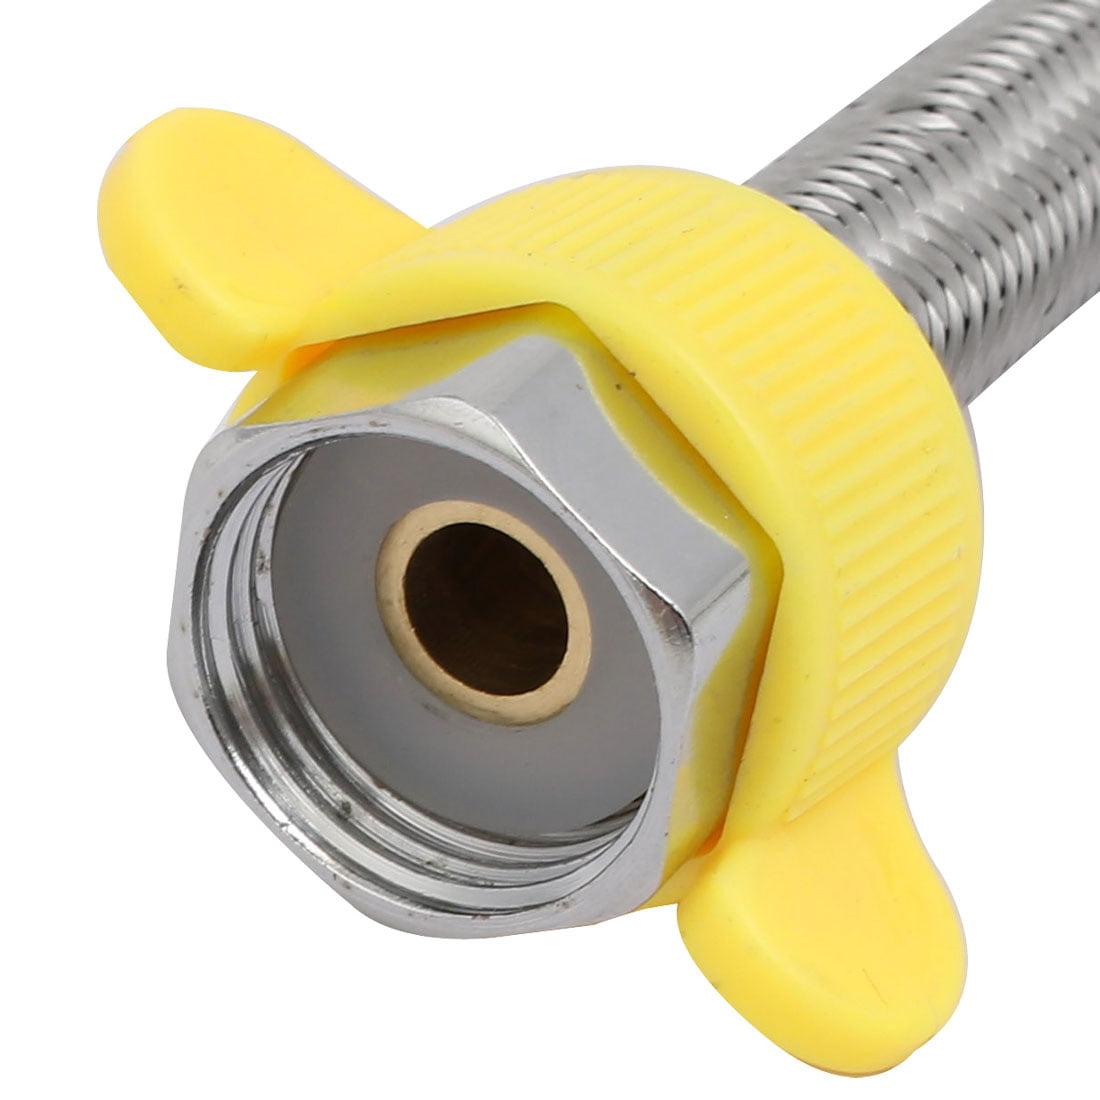 """F1/2"""" G1/2"""" 304 tuyau Flex alimentation eau toilette 13mmx30cm - image 2 de 3"""